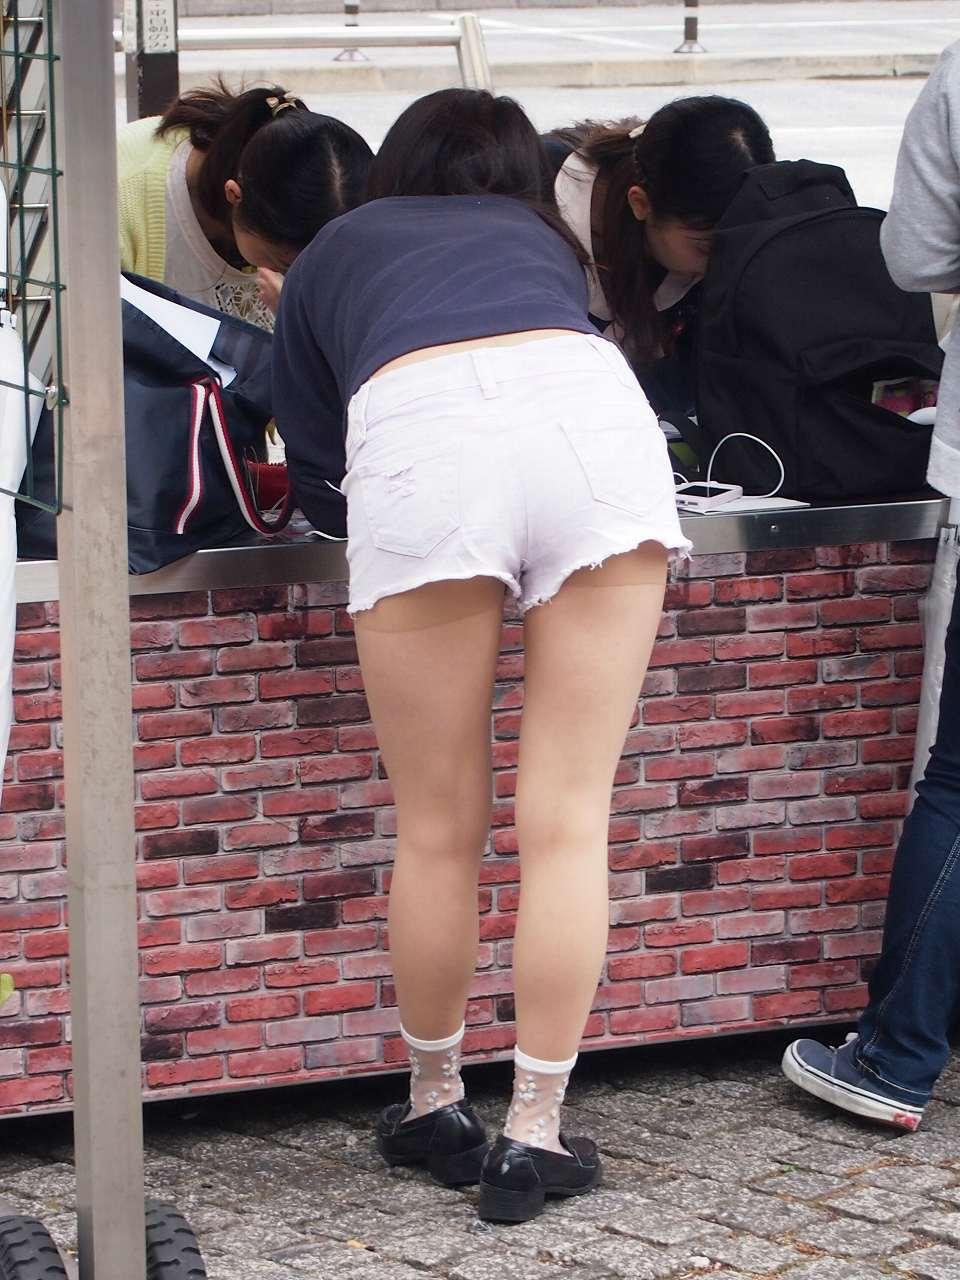 【美脚エロ画像】ミニよりイイって意見もwショーパン女子の限界まで見えた美脚(;´Д`)